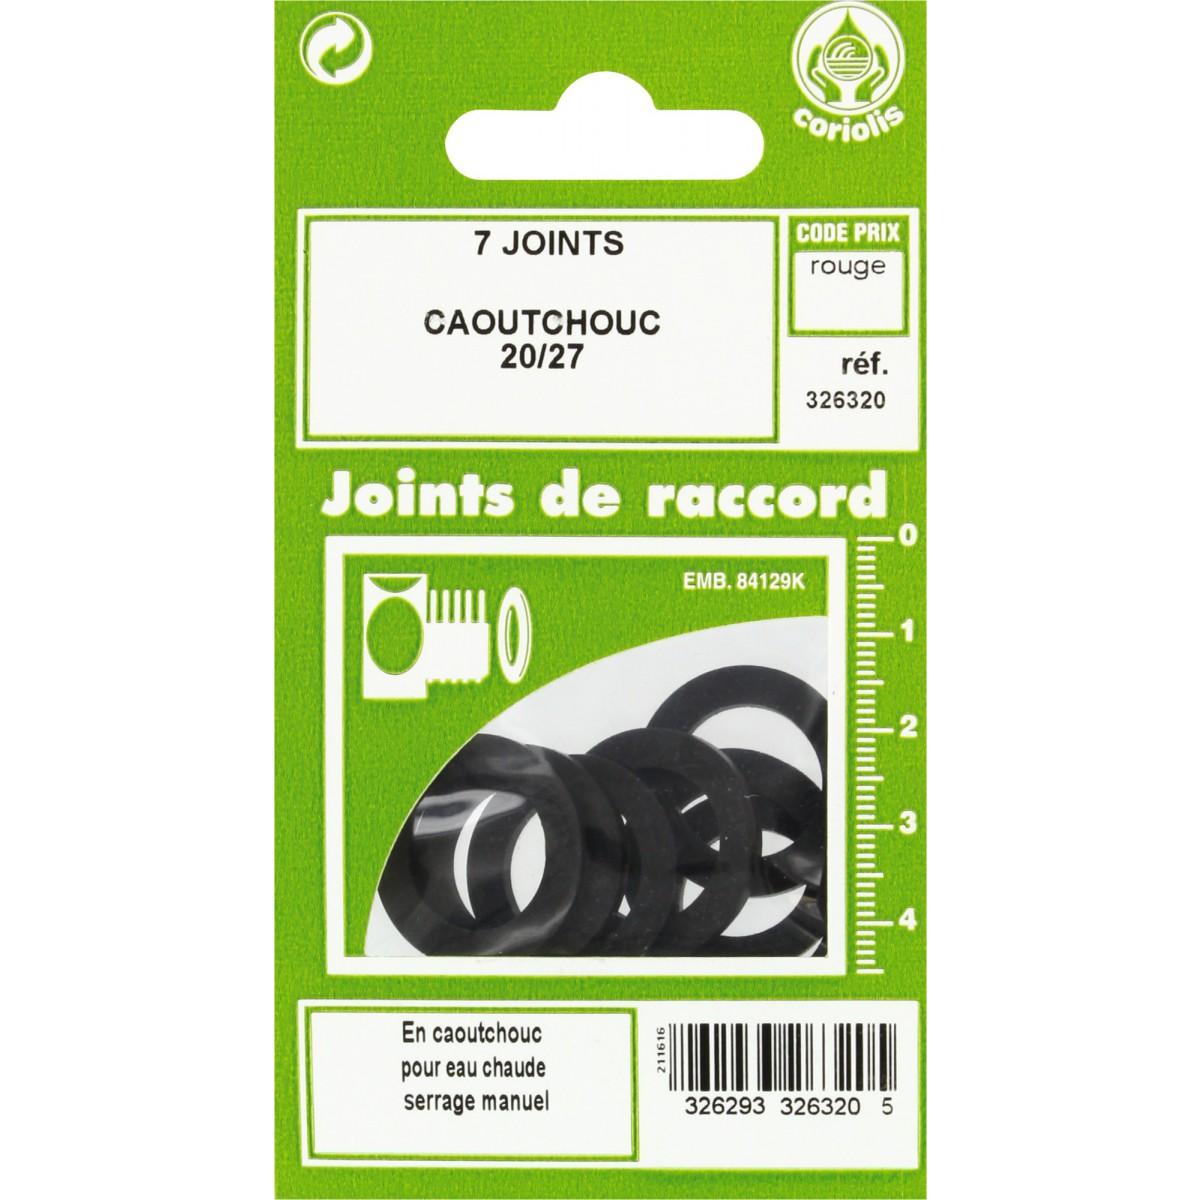 Joint caoutchouc EPDM - Filetage 20 x 27 mm - Vendu par 7